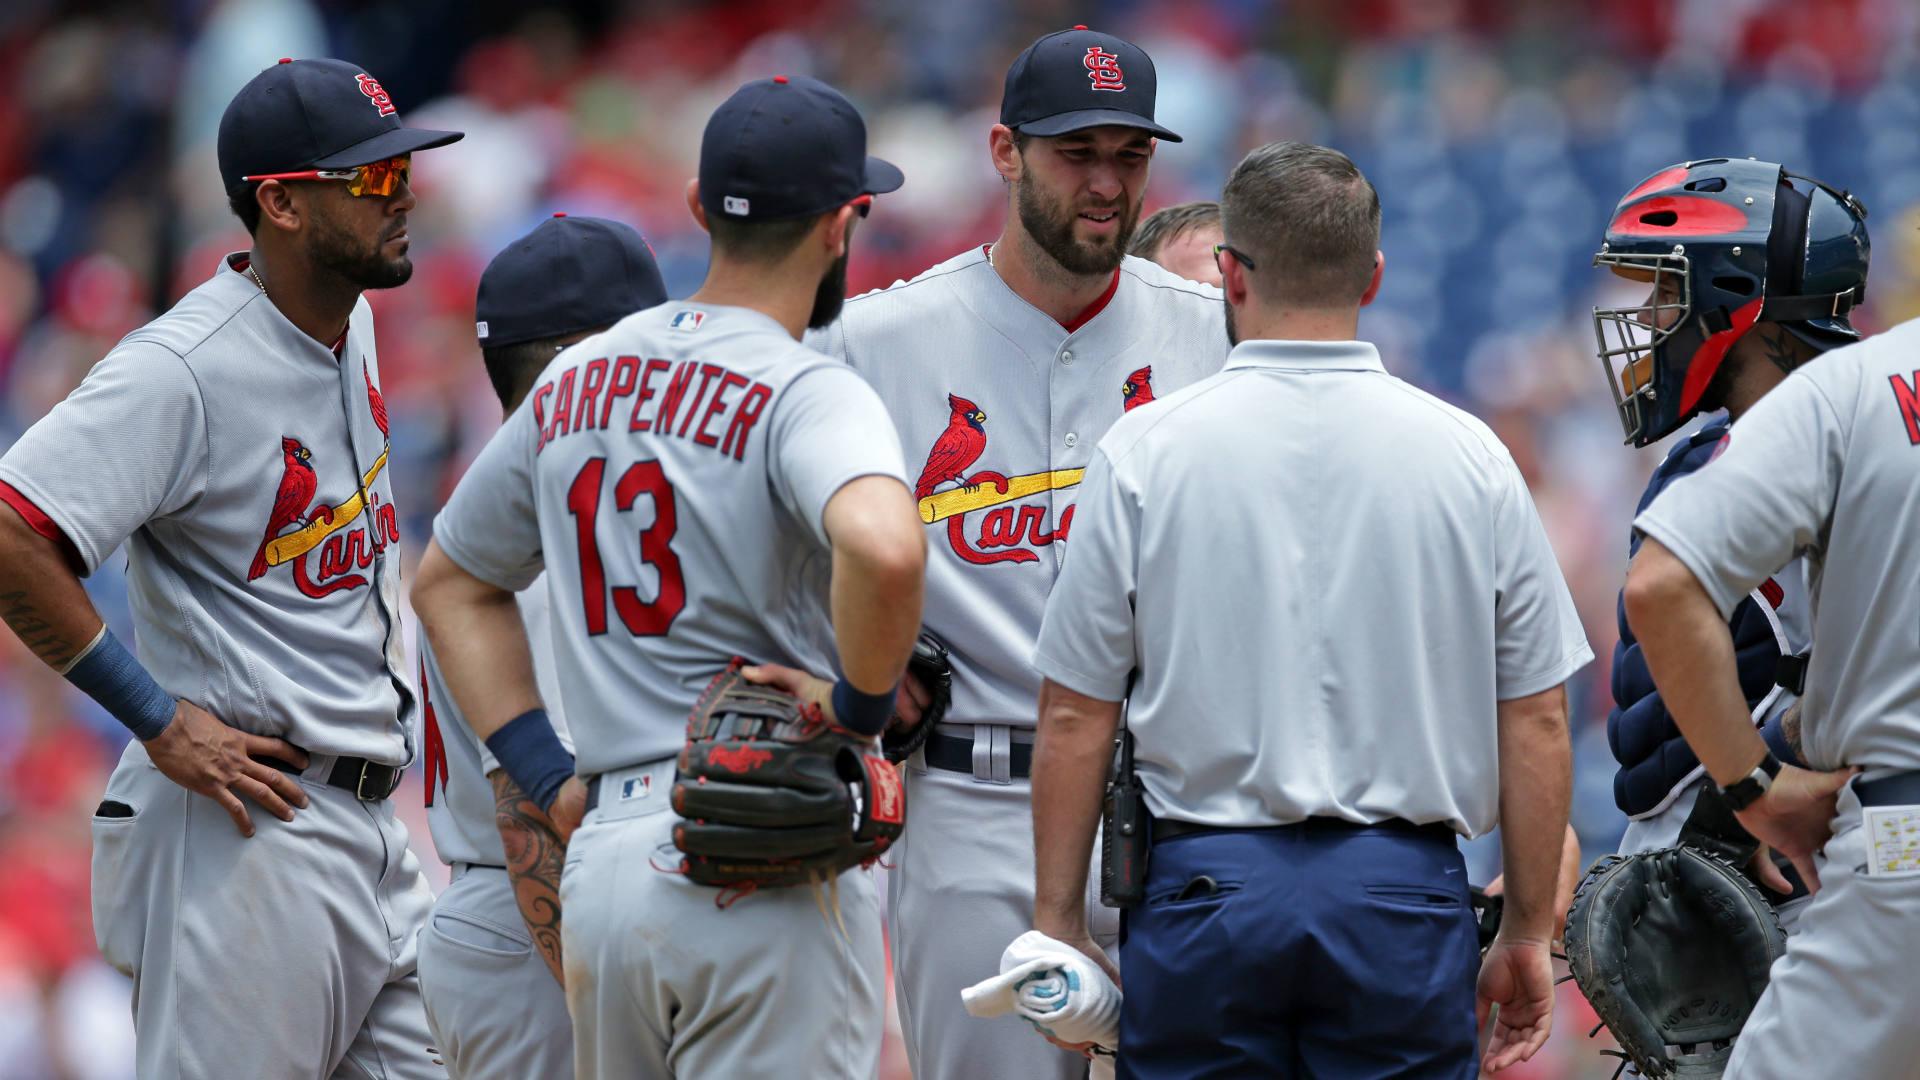 Cardinals-072018-ftr-gettyjpg_1w3ab7tqzuzlr13xxjg3vxjkcl